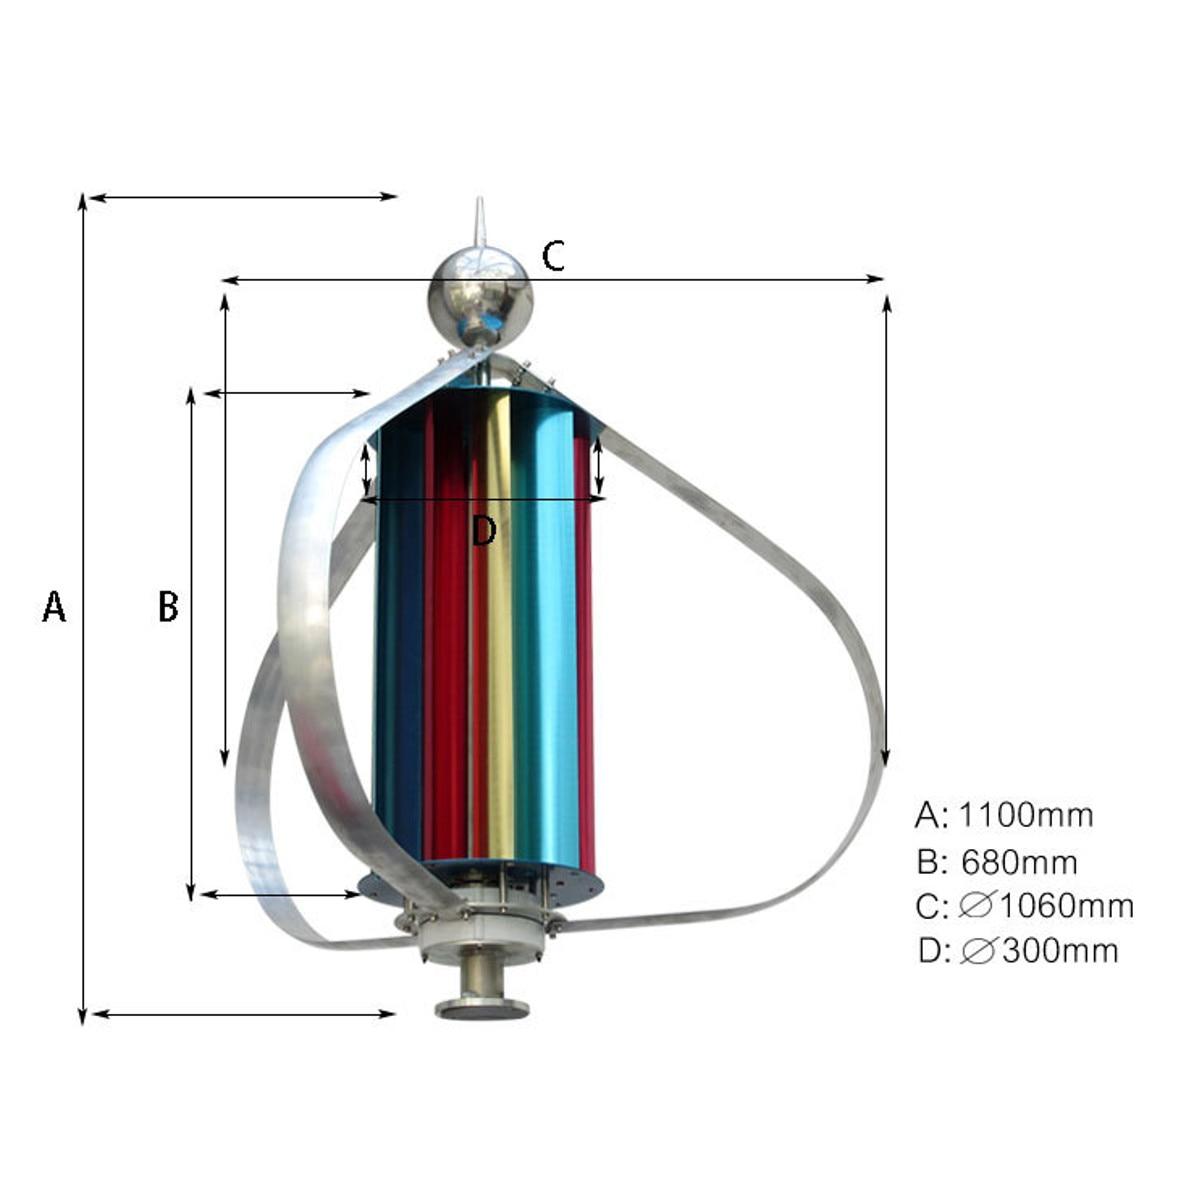 Contrôleur Vertical de Charge de générateur de vent 12V 300W triphasé moulin à vent Vertical Axial Kit de contrôleur de générateur d'énergie éolienne - 6